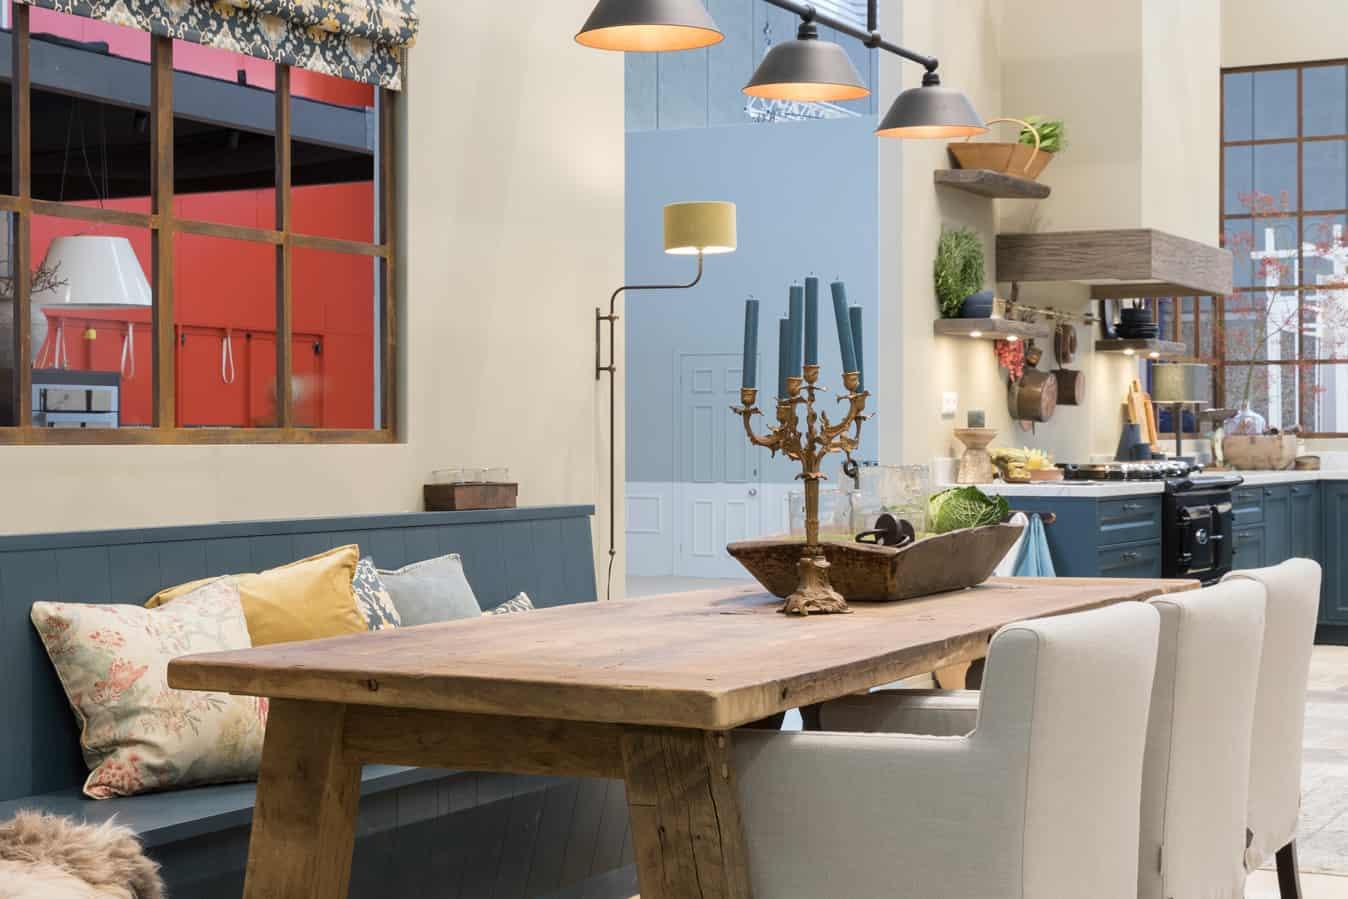 Blauwe woonkeuken landelijke stijl